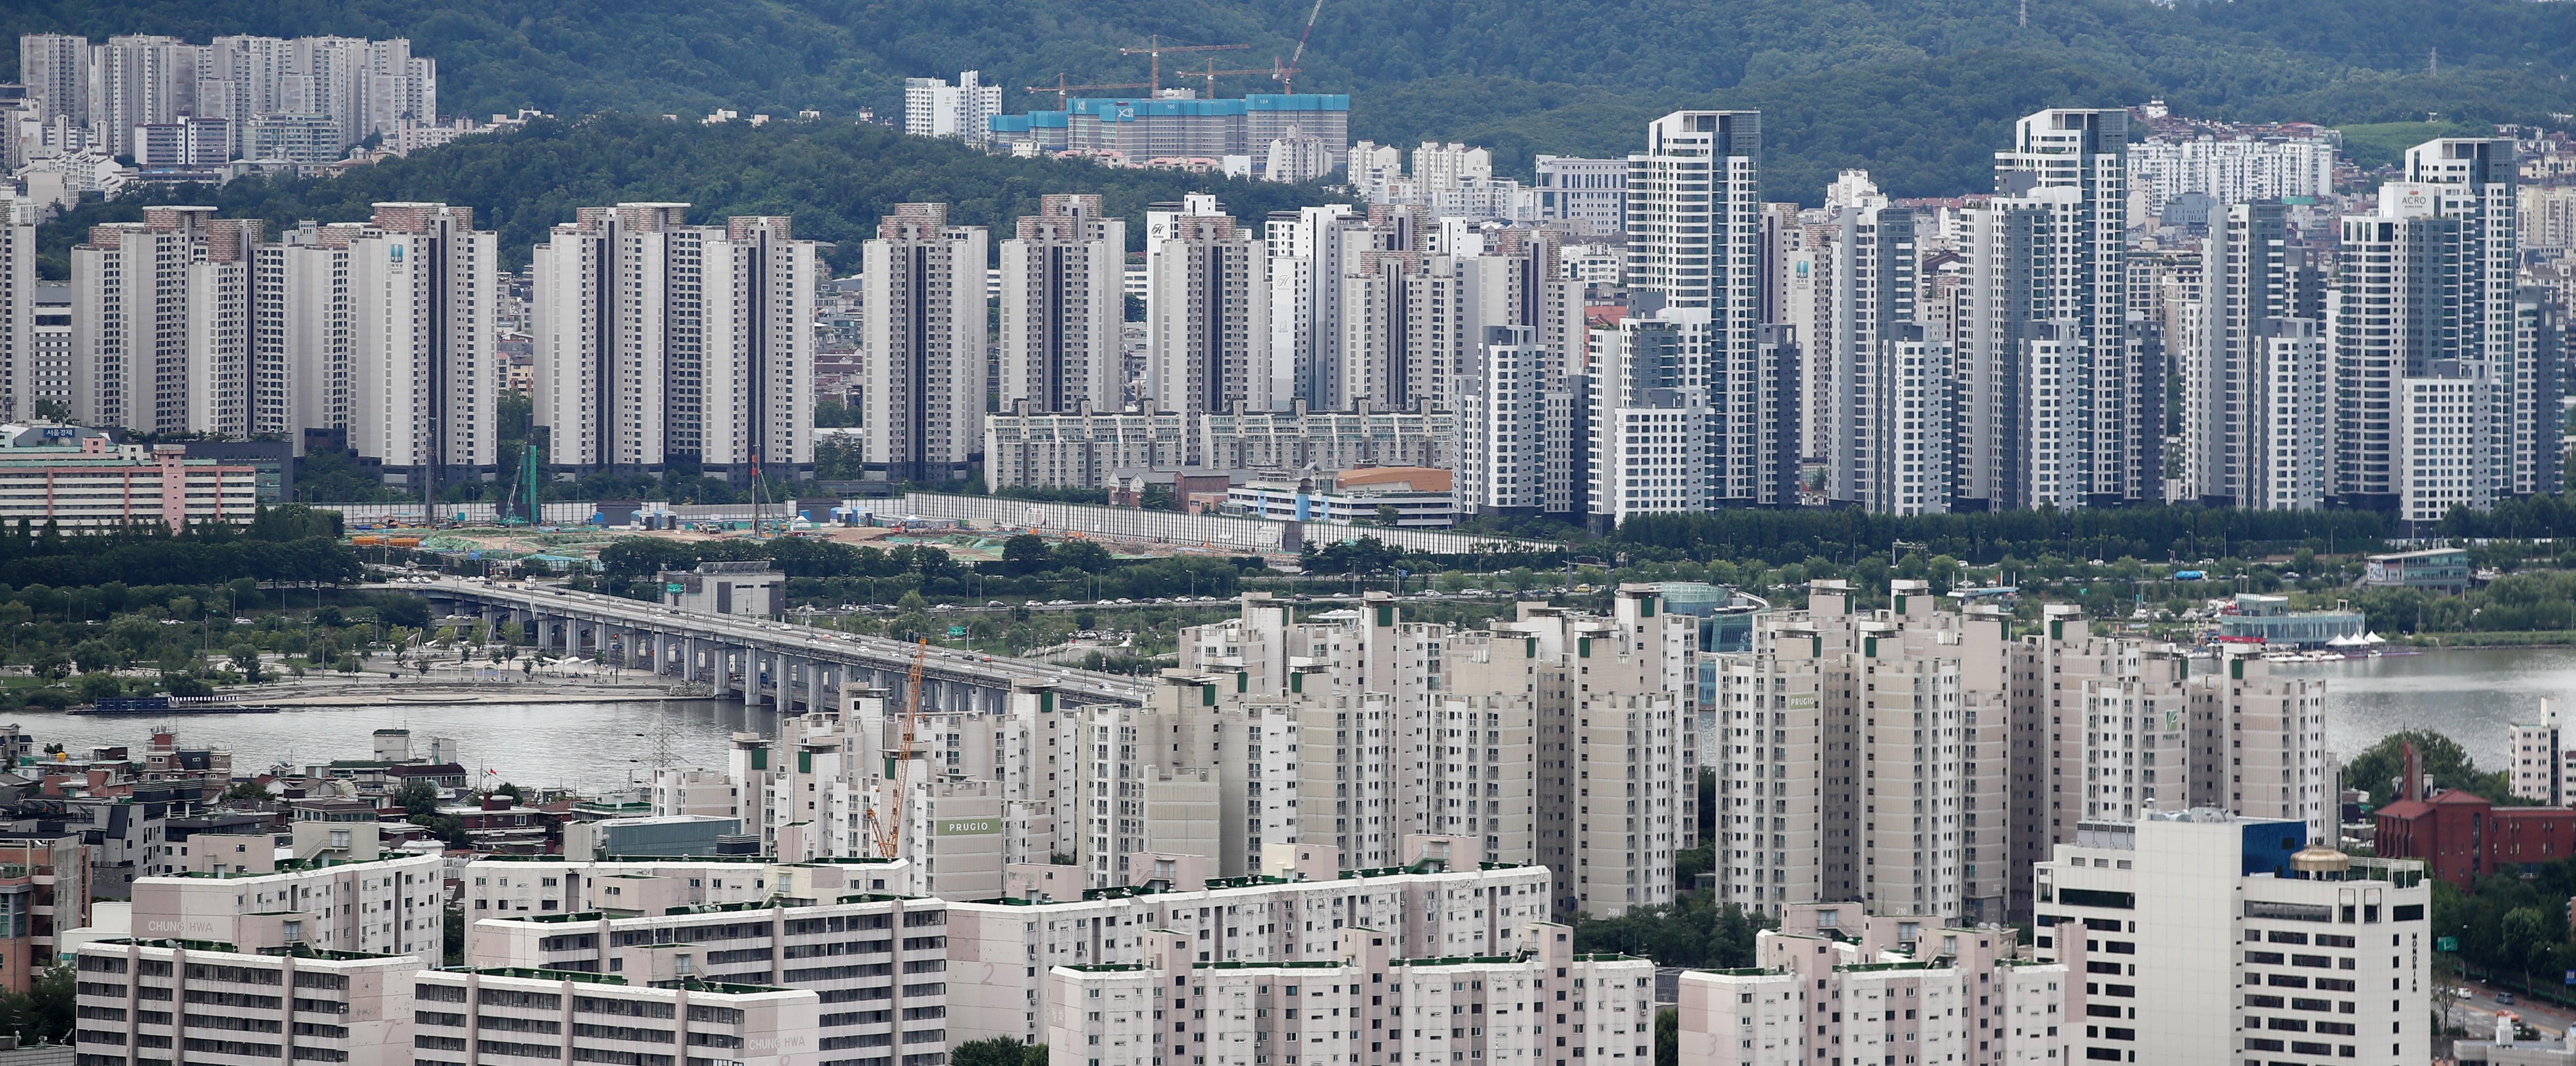 서울 아파트 전경